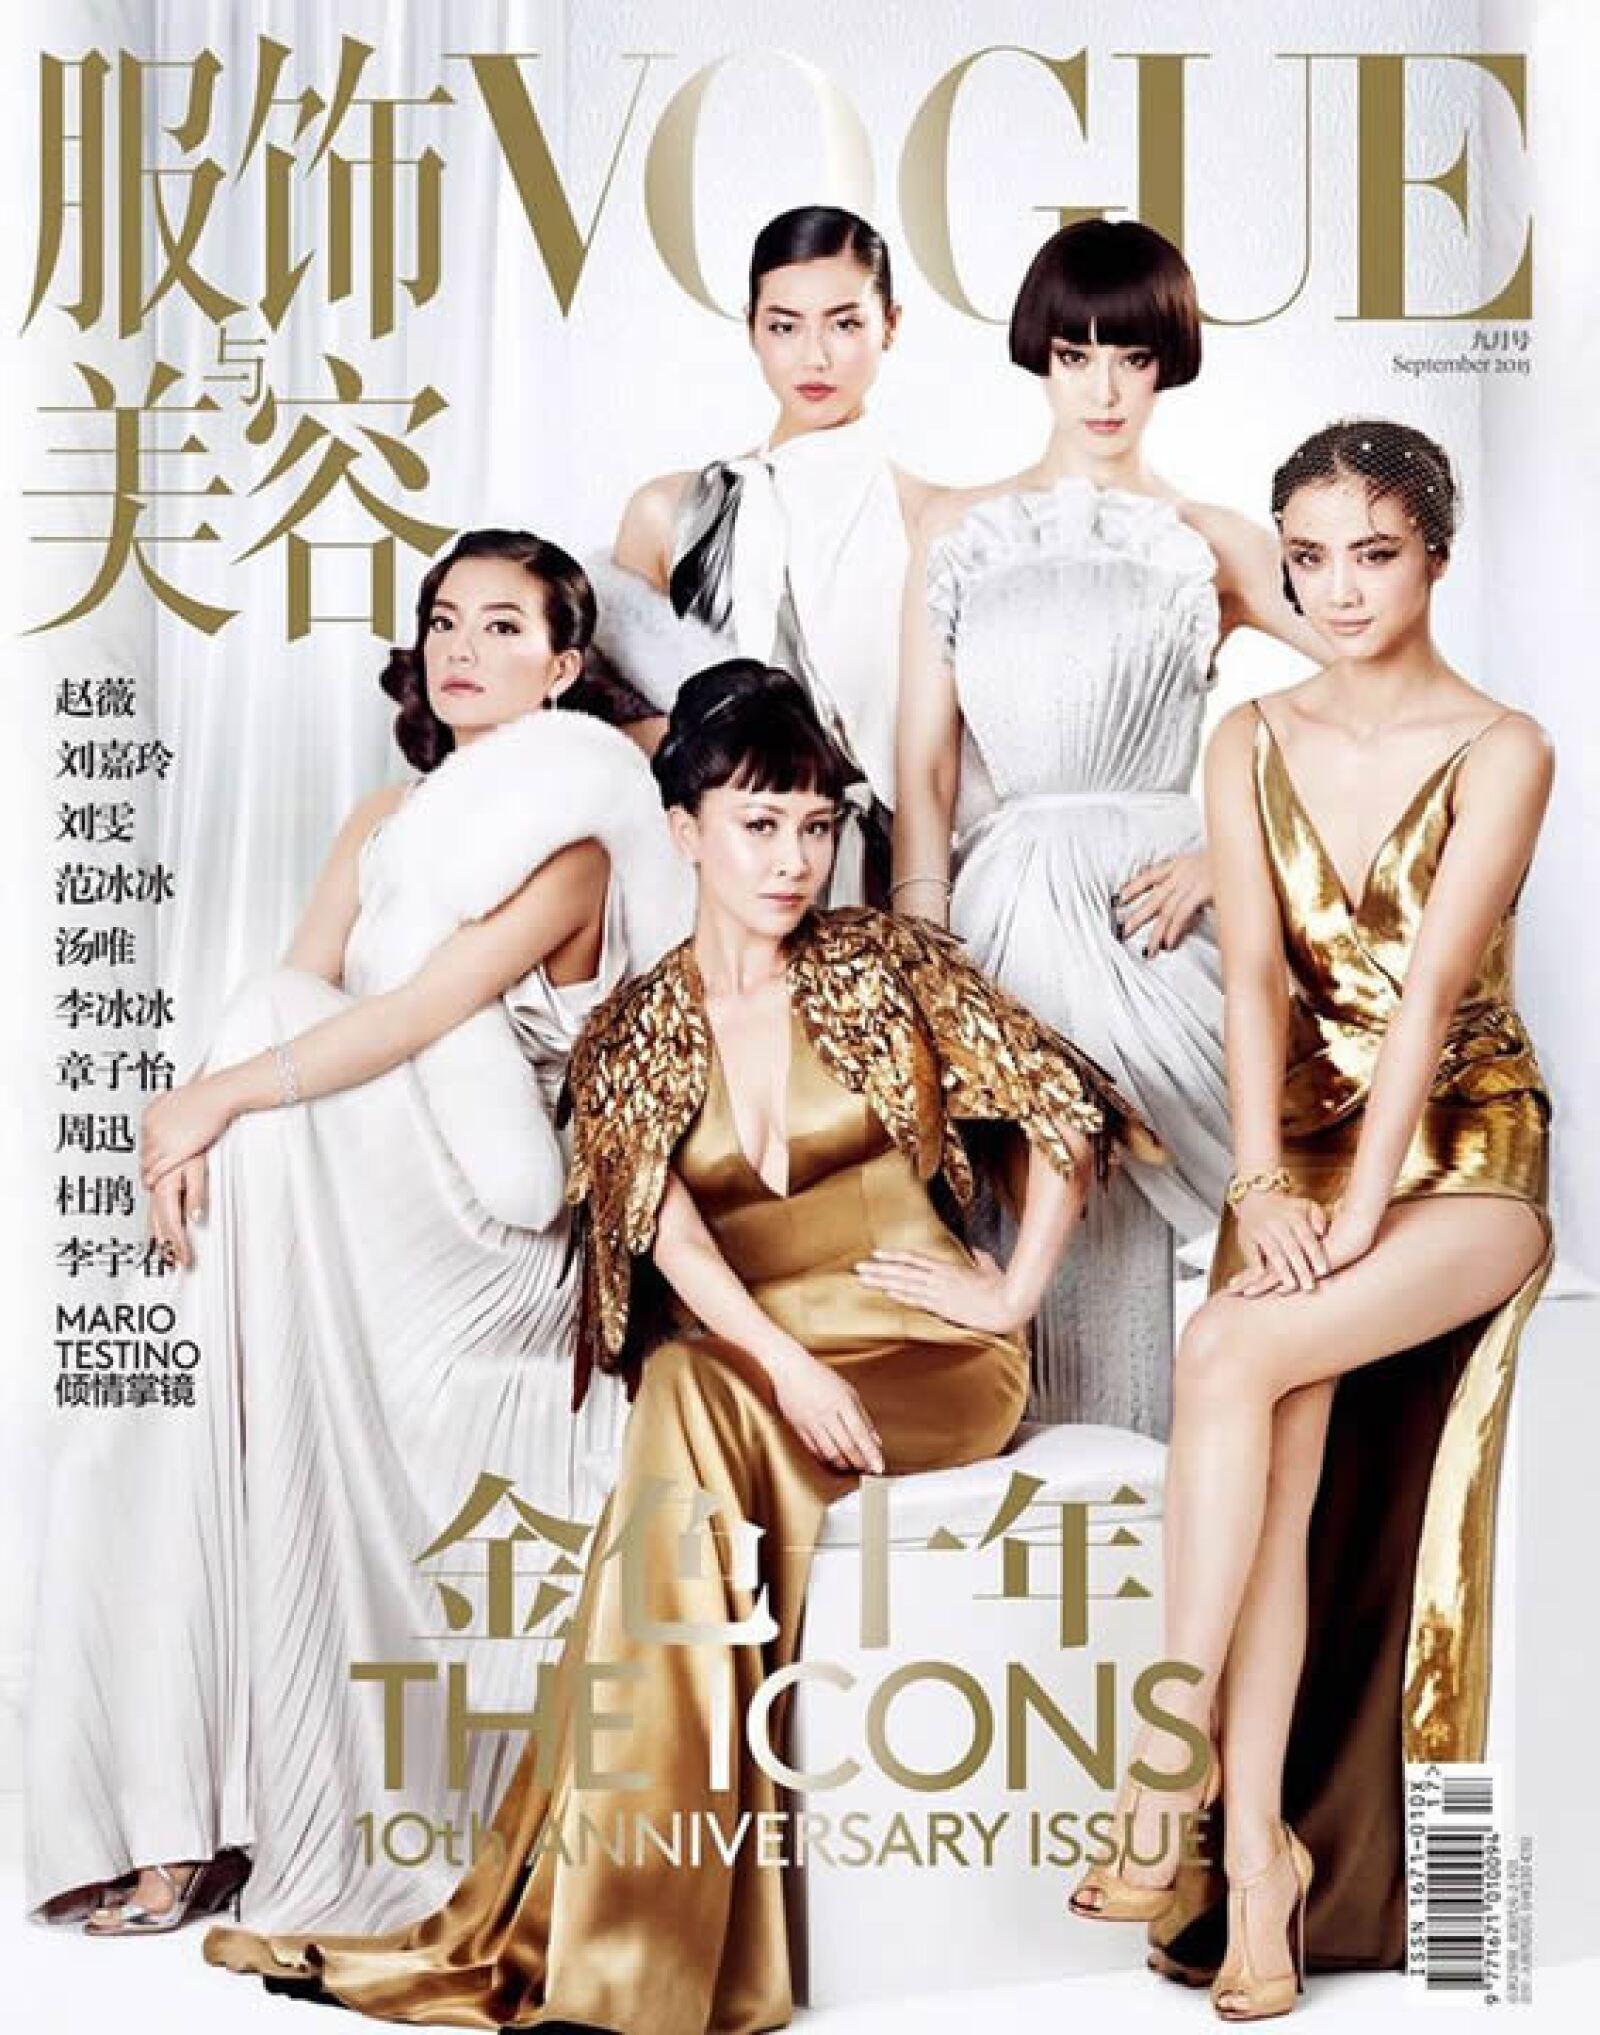 Vogue China: La revista celebra 10 años y en portada aparecen las actrices, modelos y cantantes del país, fotografiadas por Mario Testino.